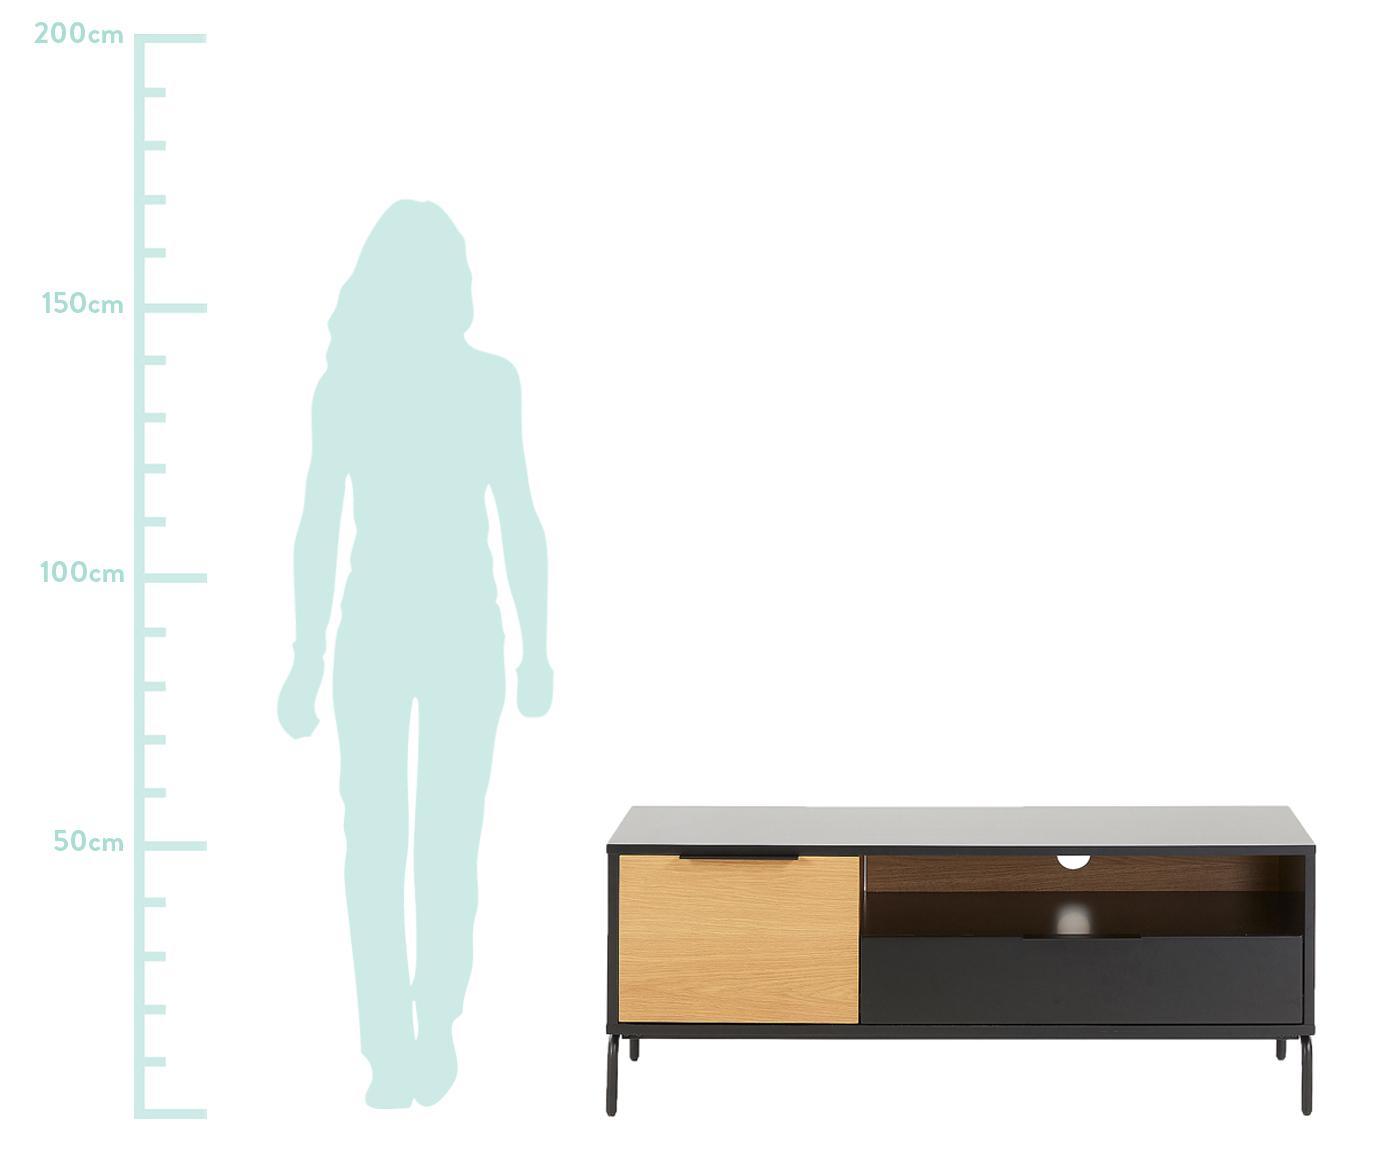 Szafka RTV z drzwiczkami i szufladą Stellar, Czarny, drewno dębowe, S 120 x W 50 cm